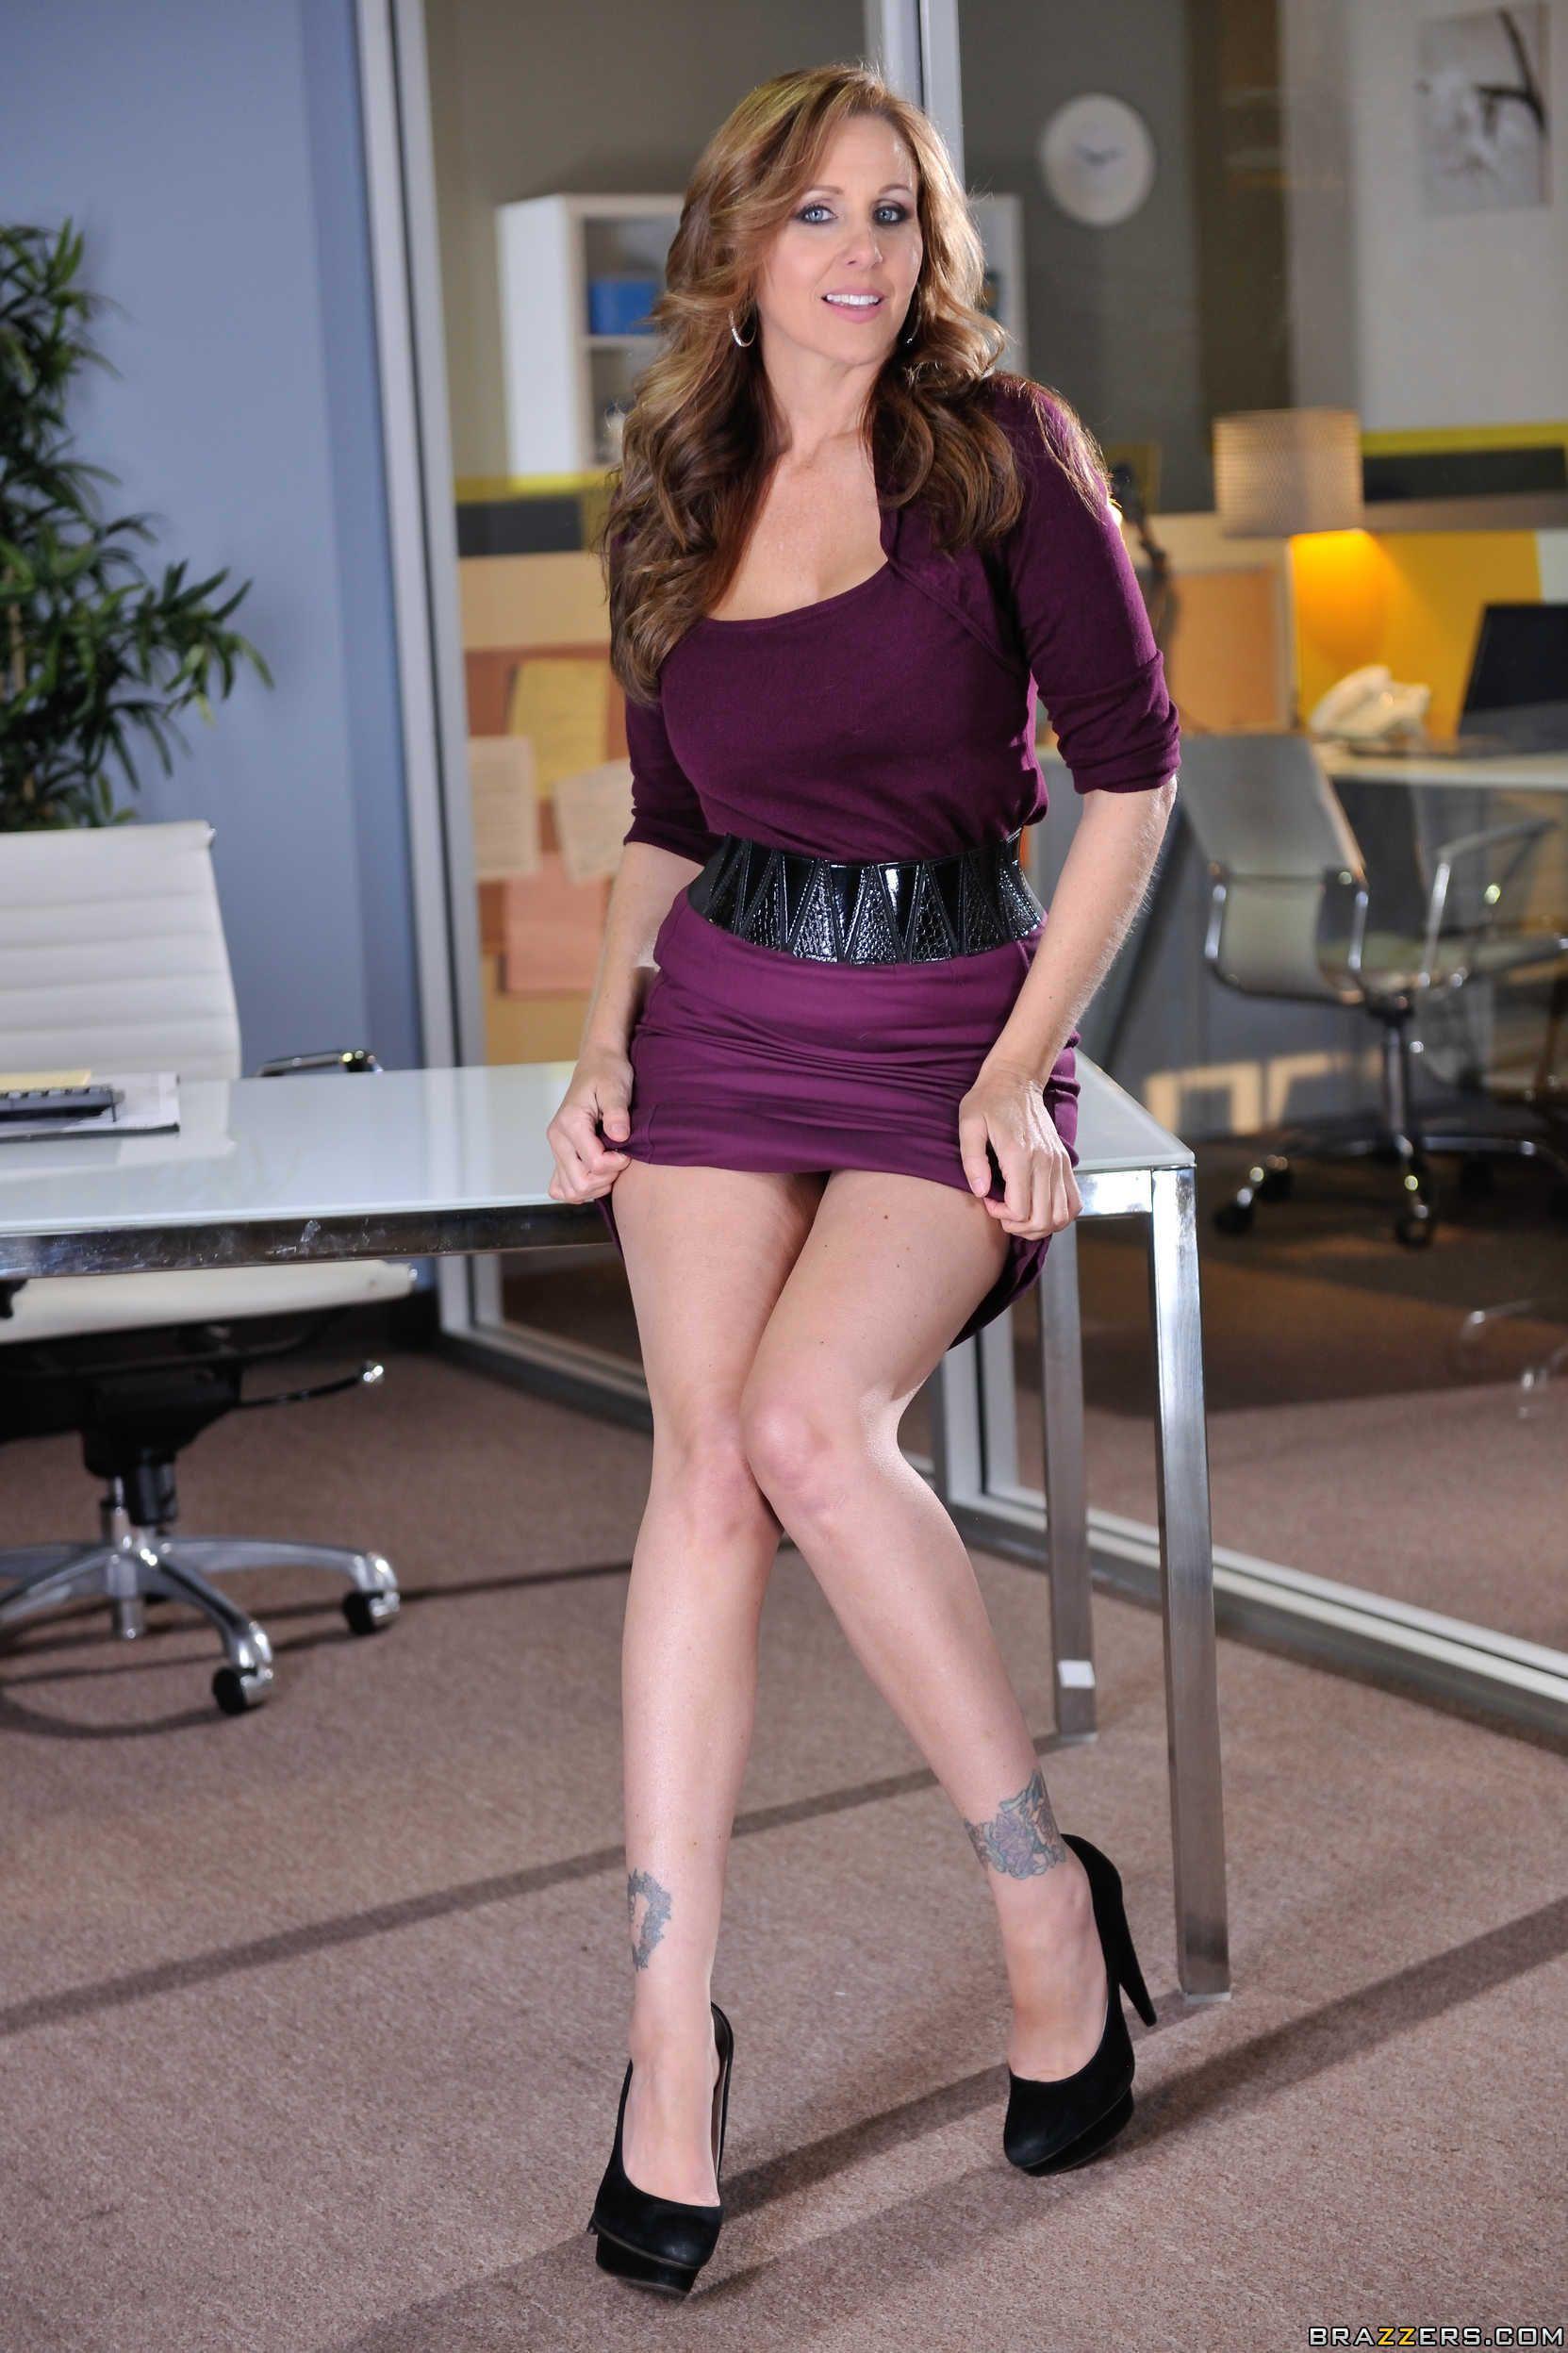 Julia Ann | Secretary | Women, Sexy body, Viola